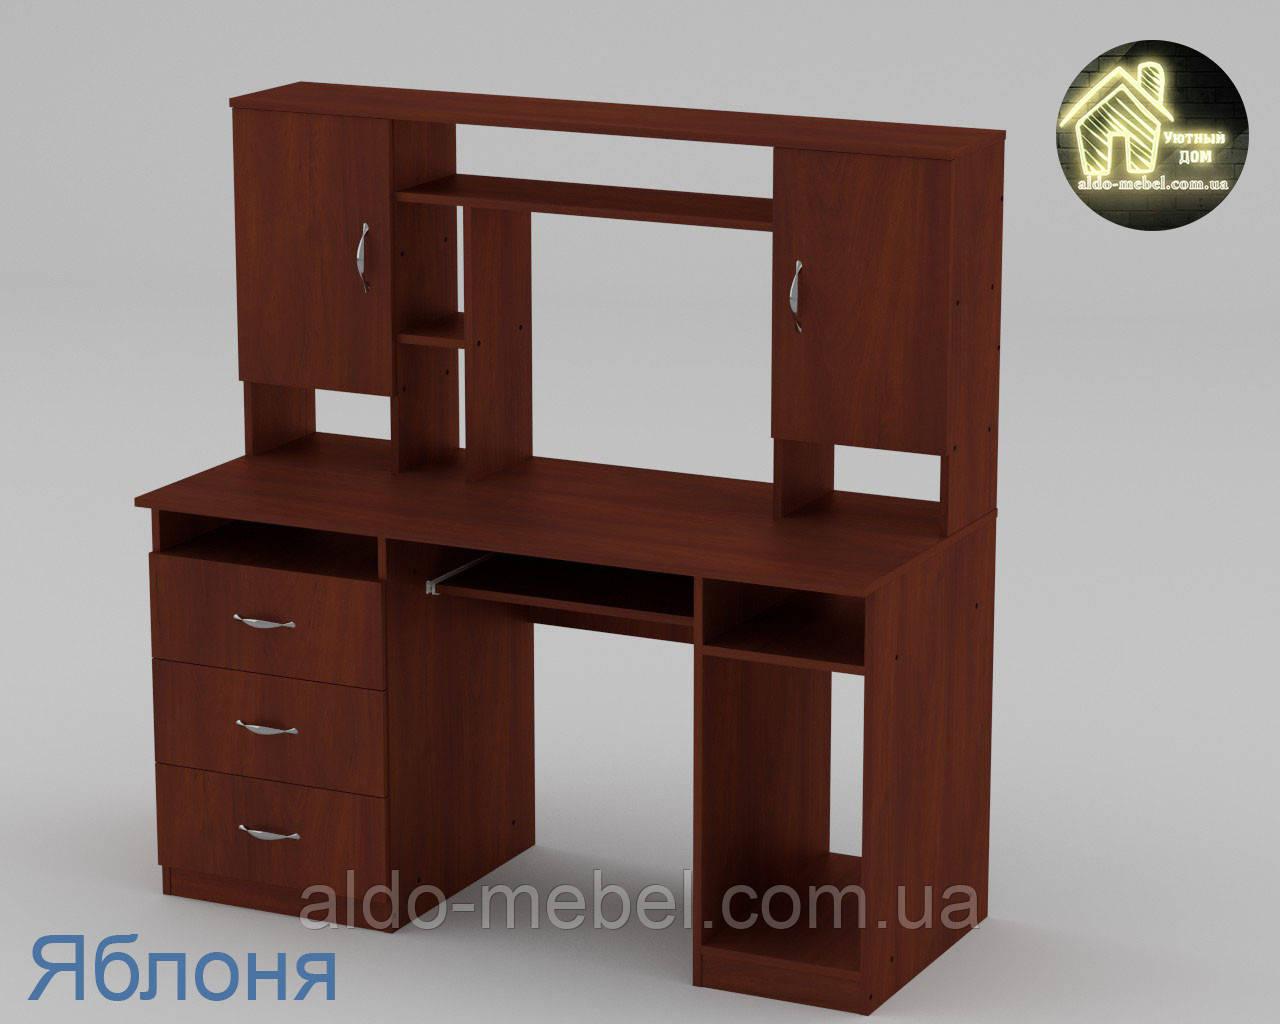 Стол компьютерный Менеджер Габариты Ш - 1400 мм; В - 756 + 666 мм; Г - 598 мм (Компанит)